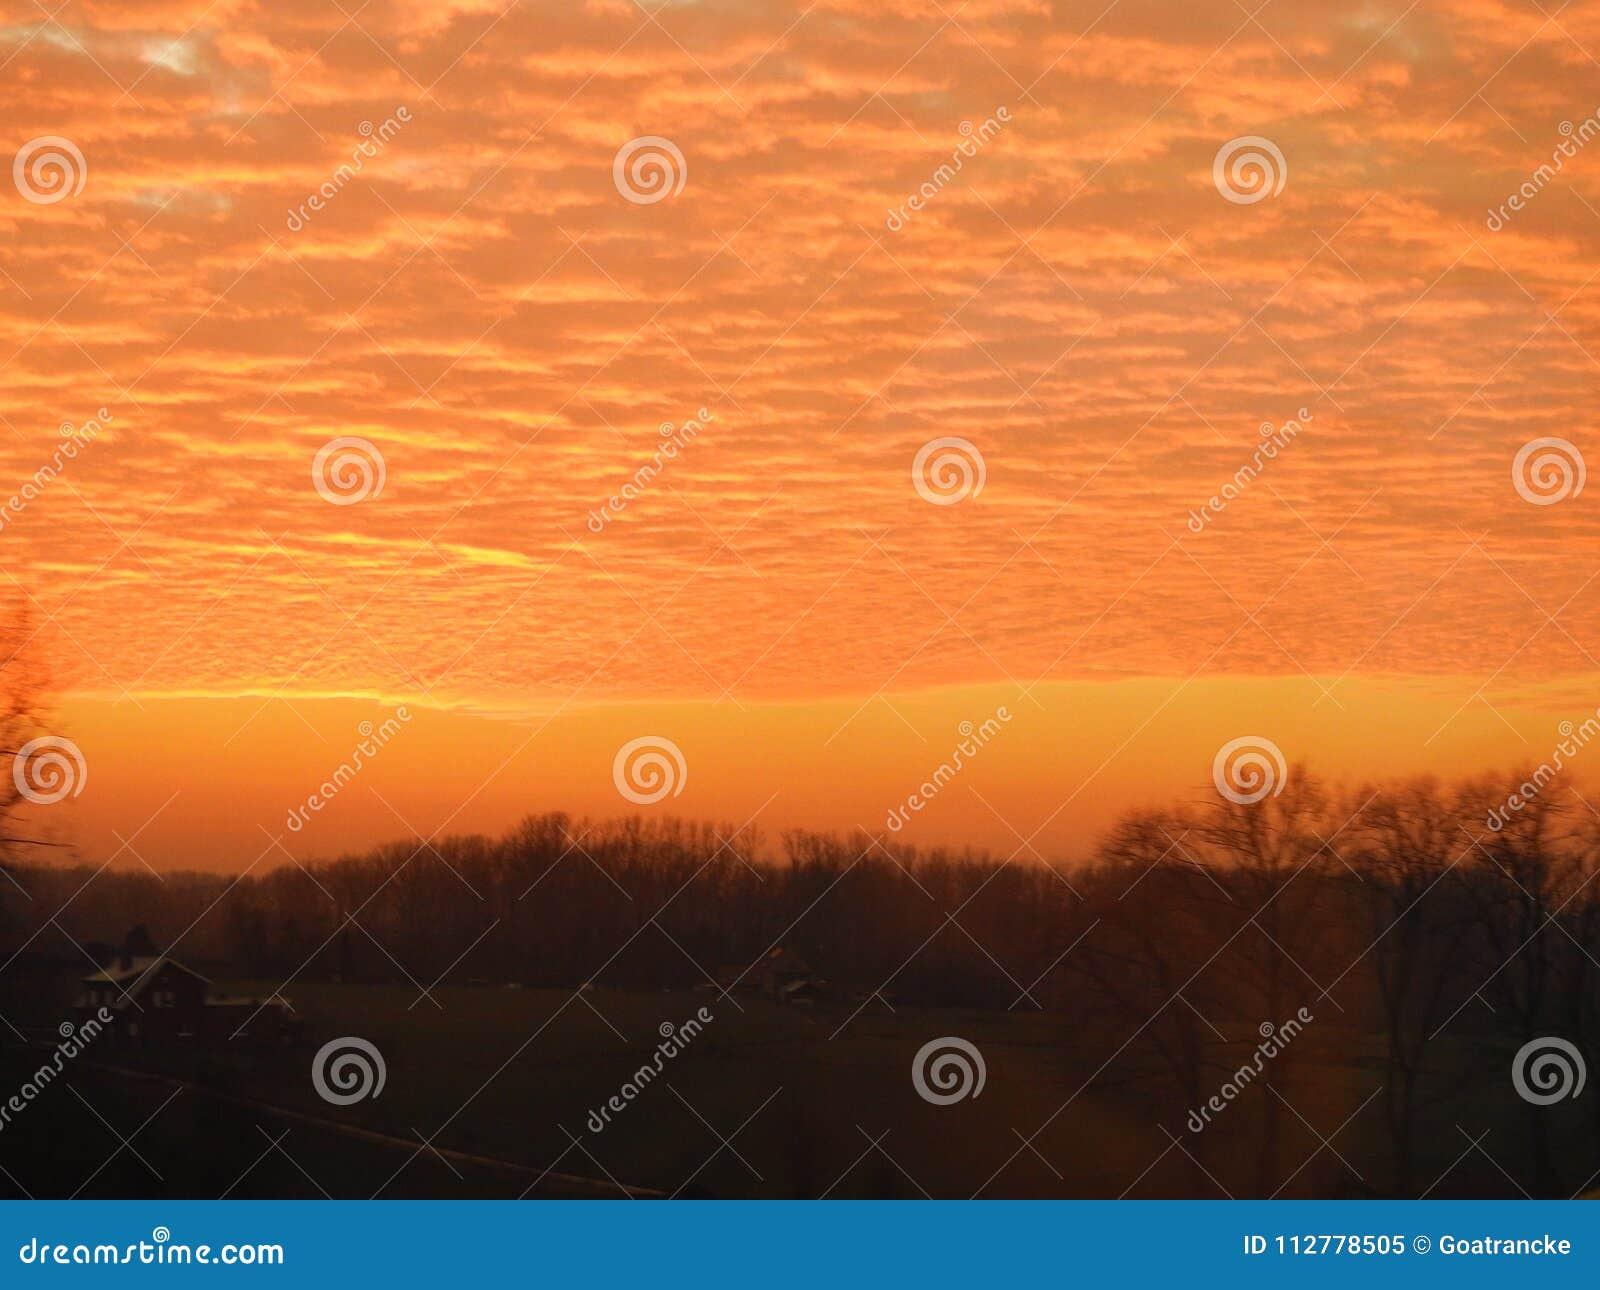 Sonnenuntergang im Wald, Landschaft